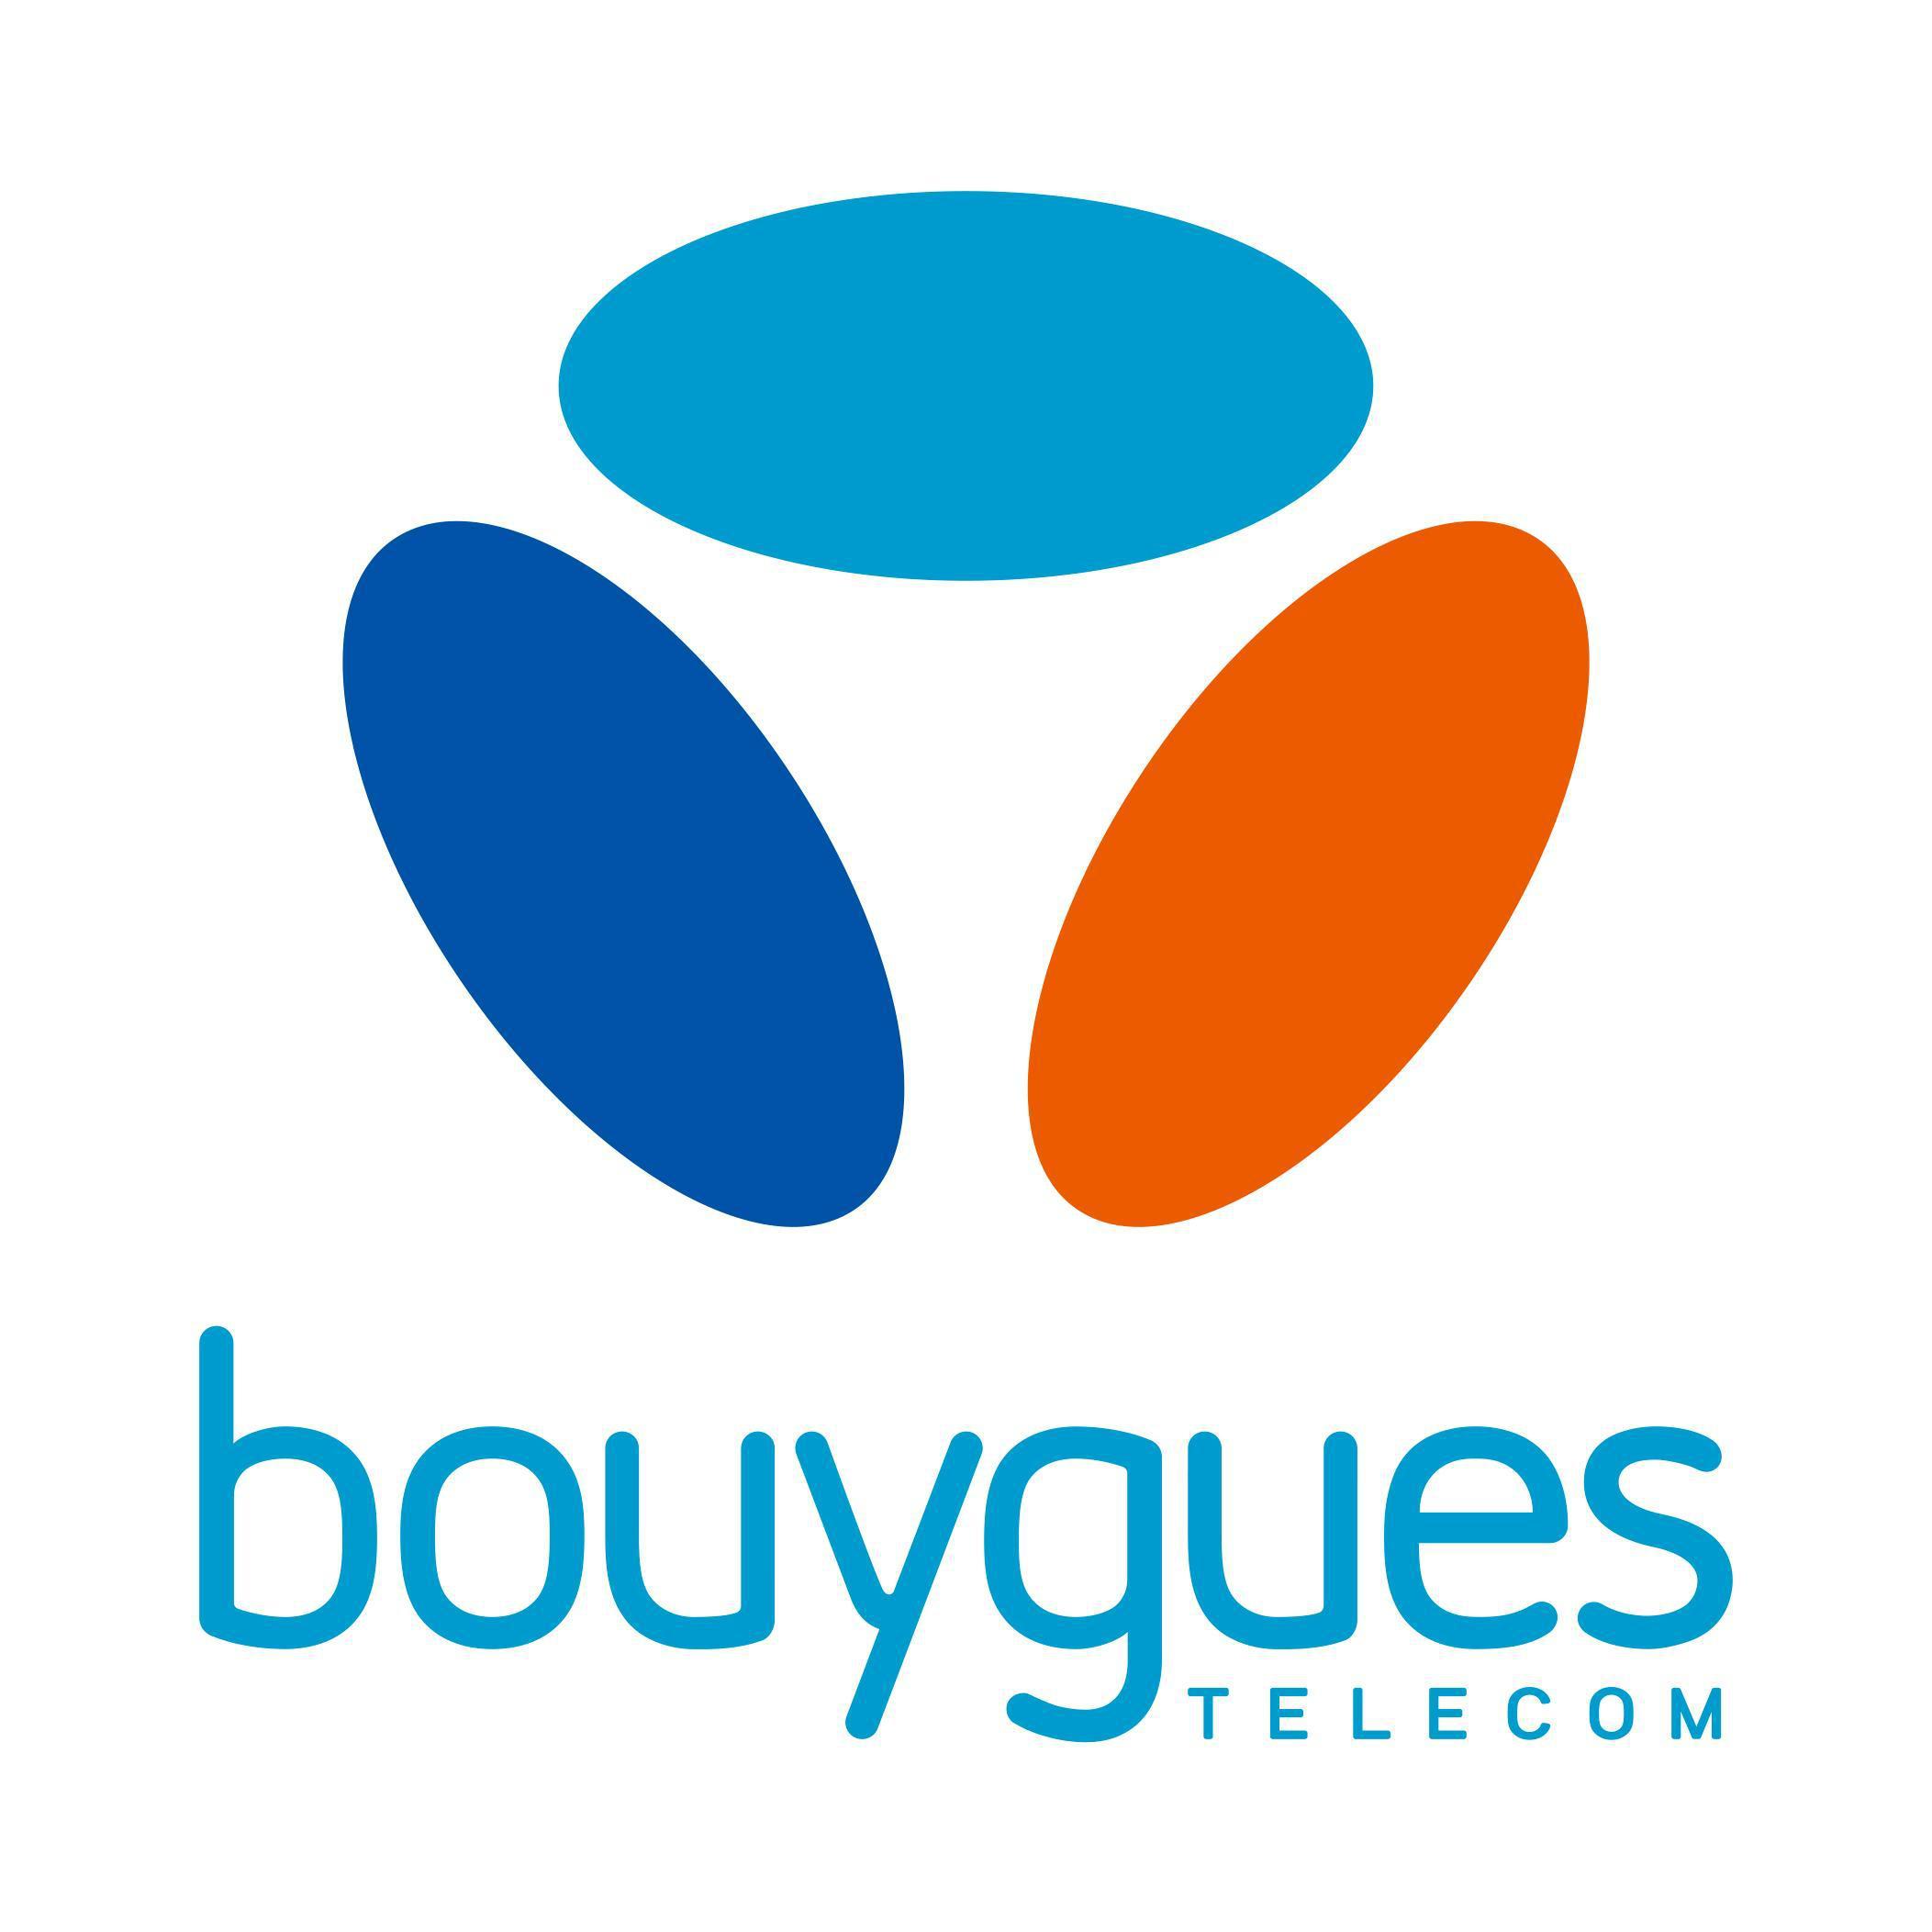 [Abonnés Bouygues] Weekend en 4G illimité du 11 au 14 Juillet